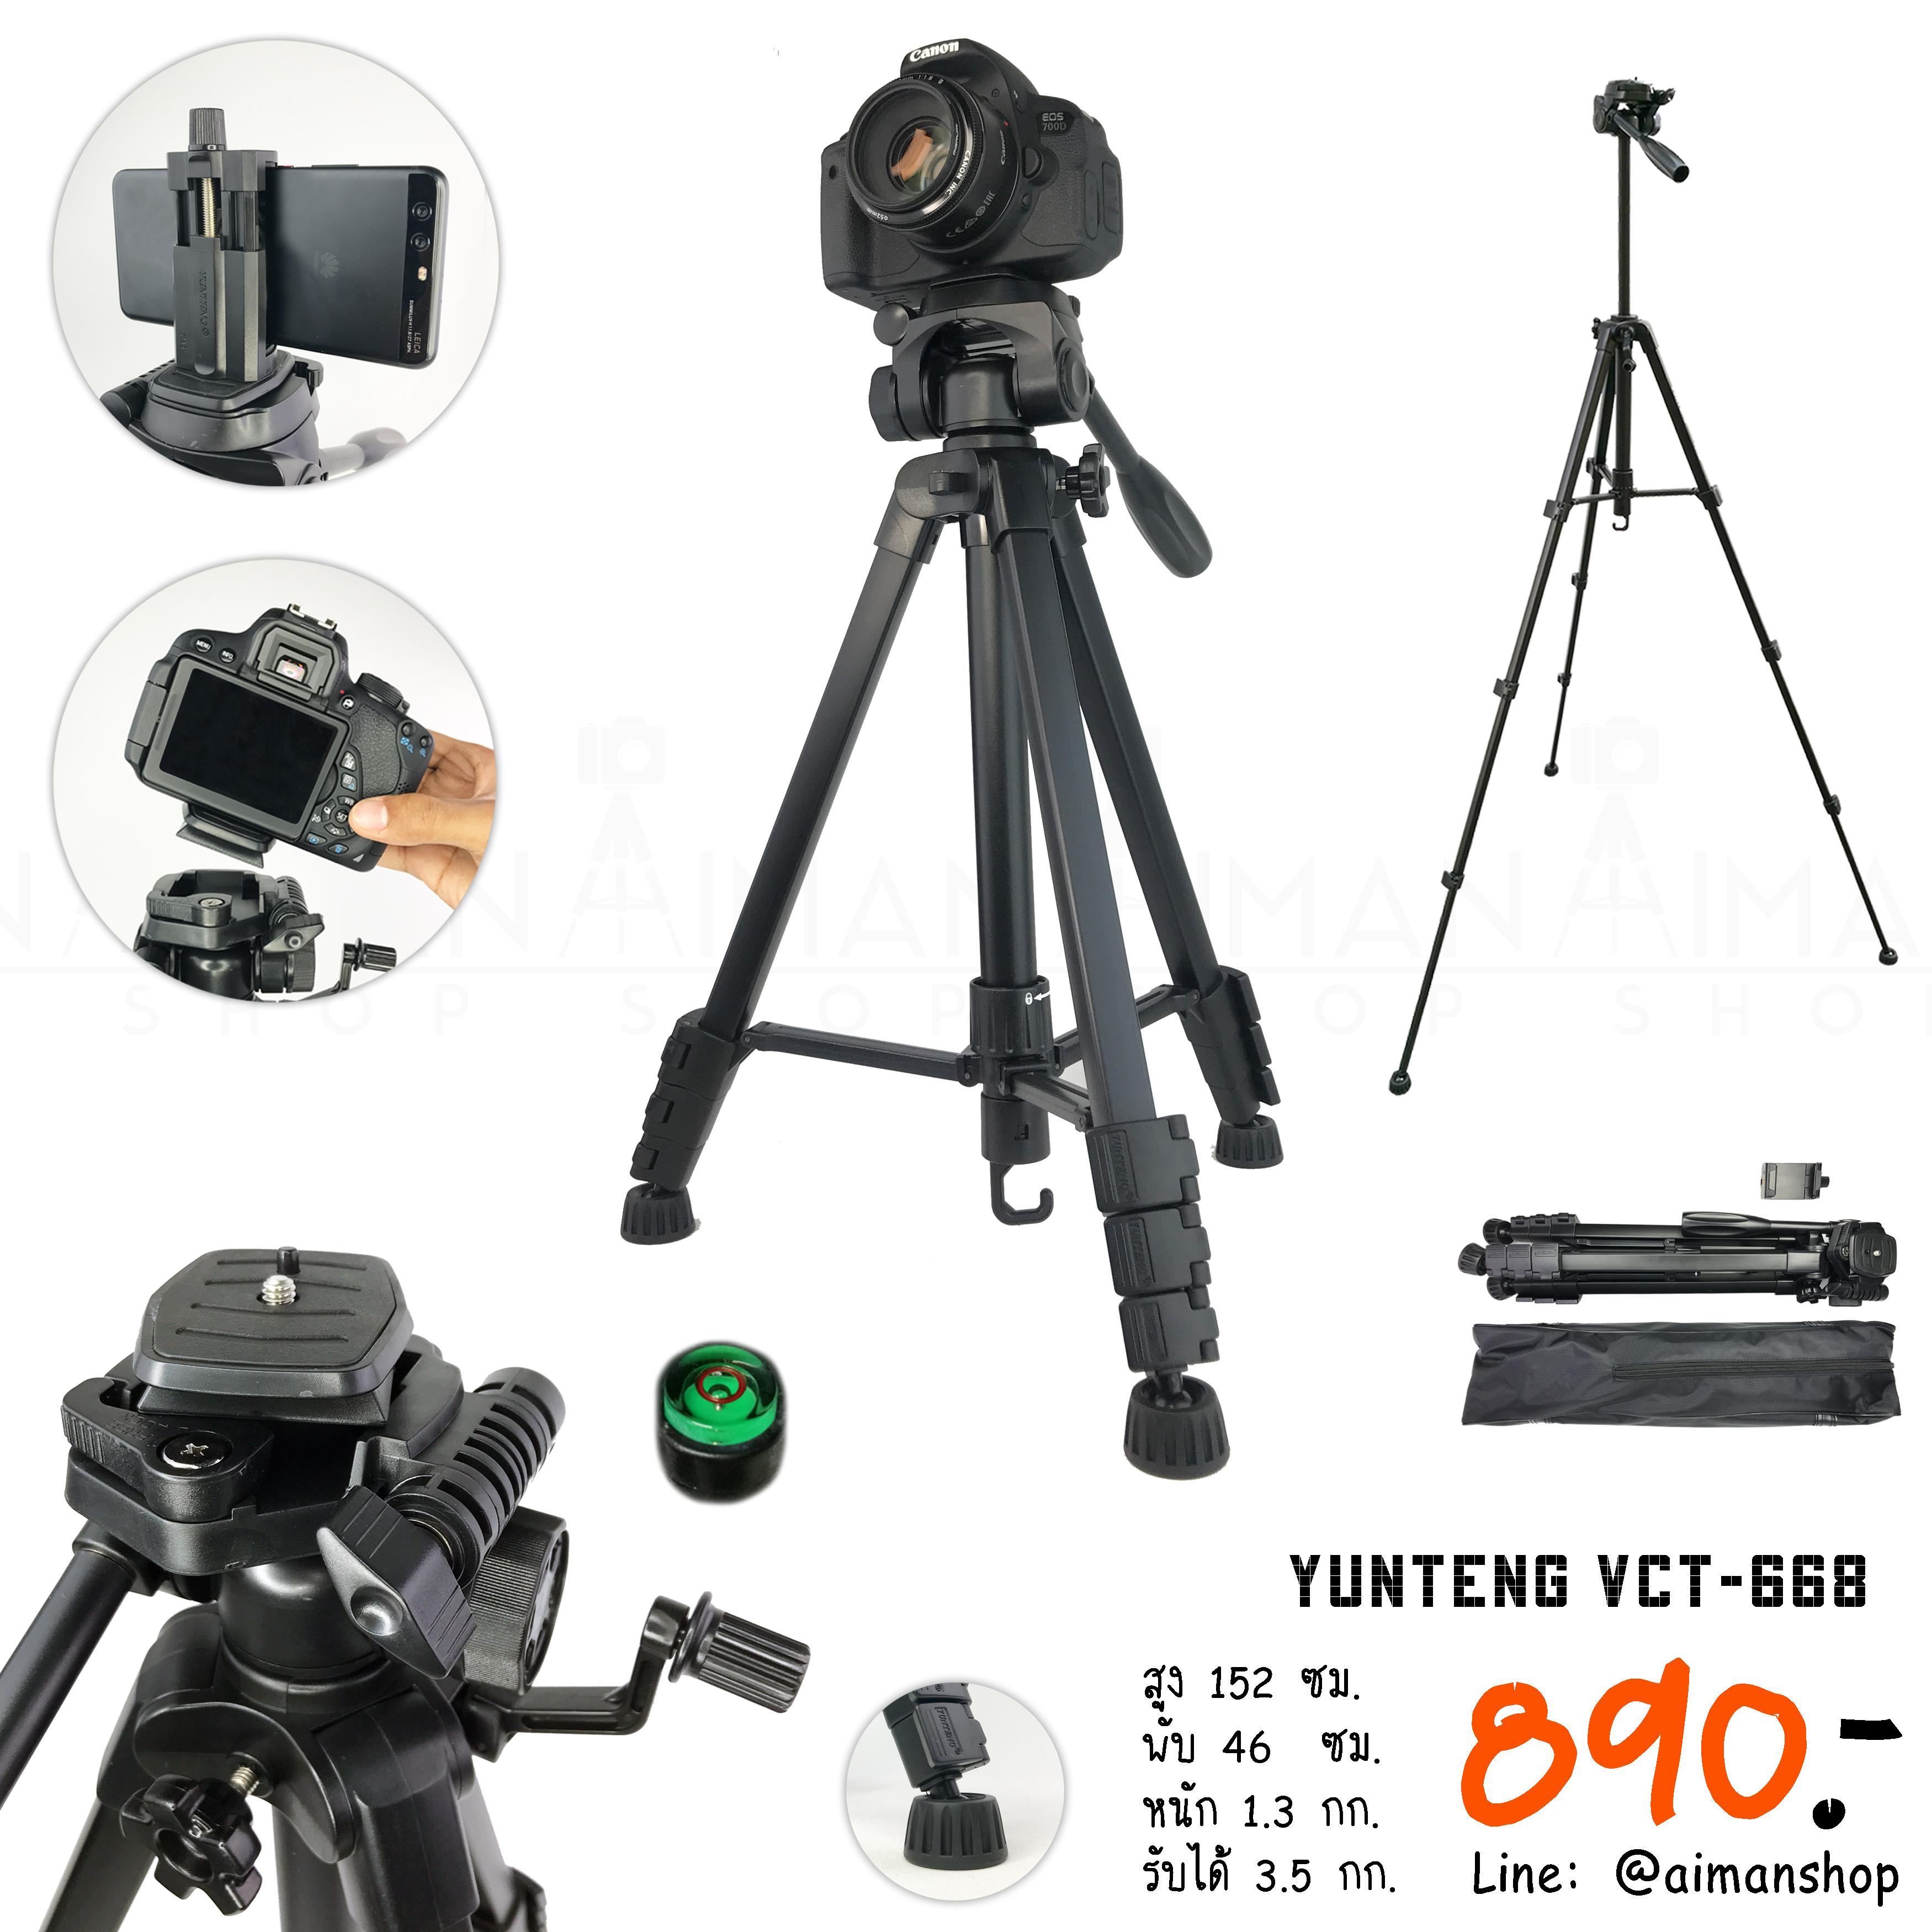 ขาตั้งกล้อง Yunteng รุ่น VCT-668